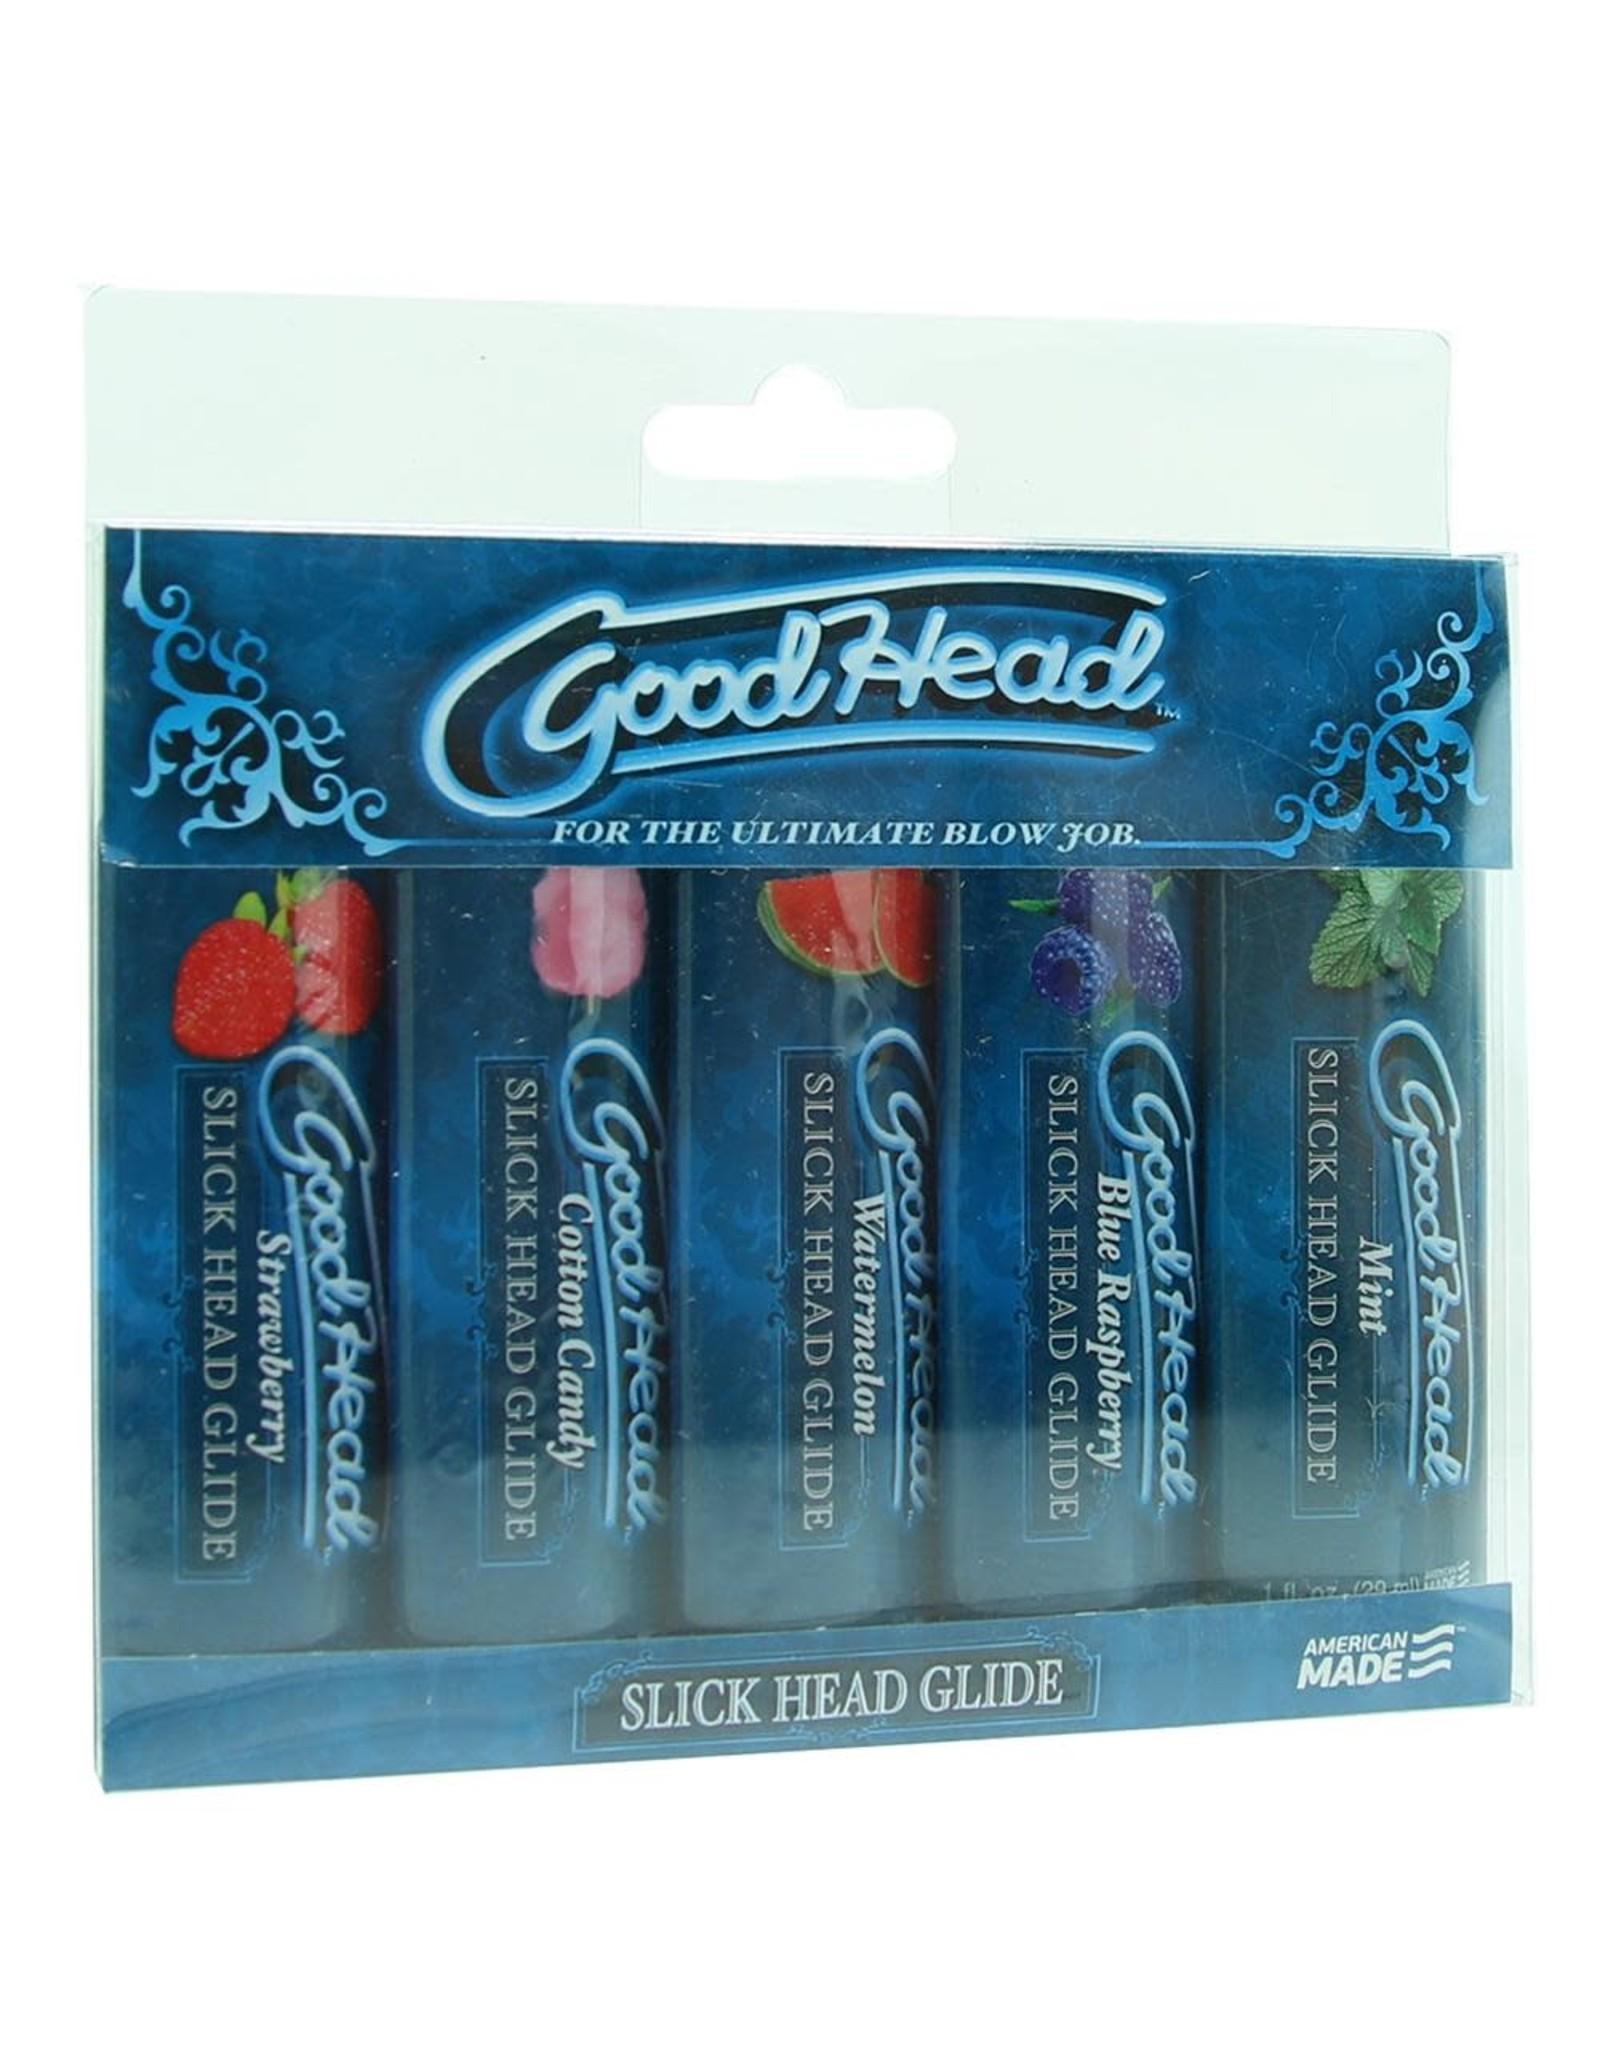 GOODHEAD SLICK HEAD GLIDE 5 PACK 1OZ X5